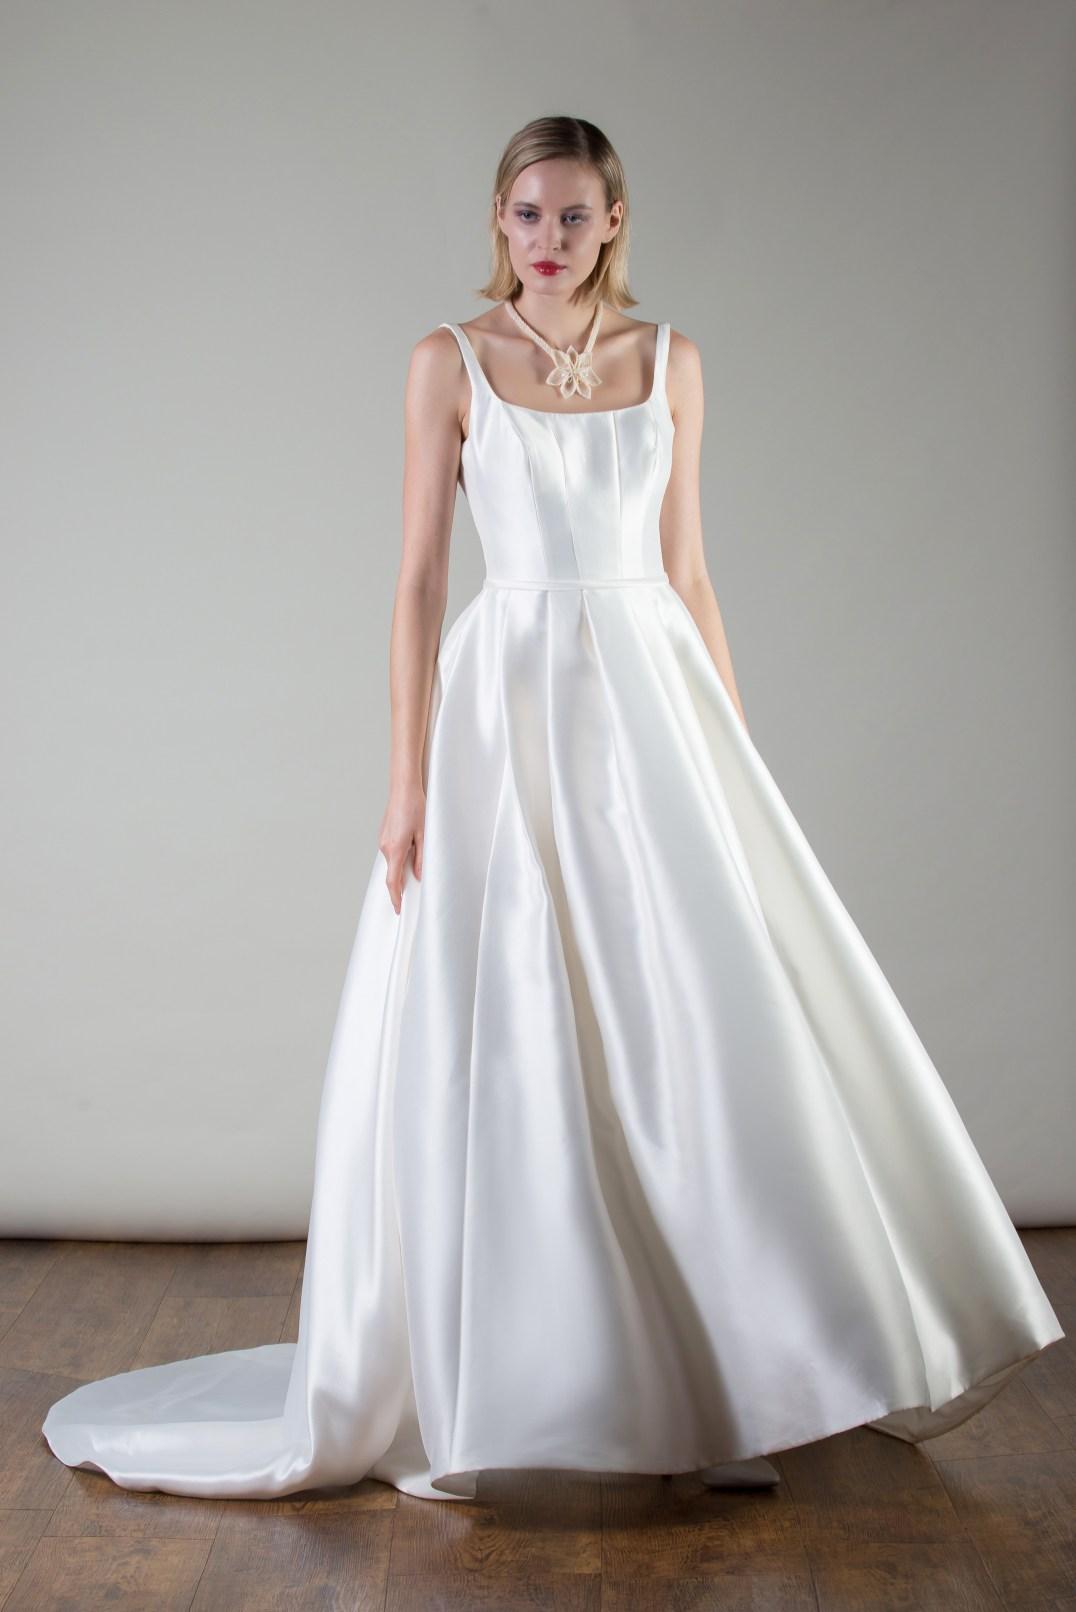 MiaMia Bologna bridal gown